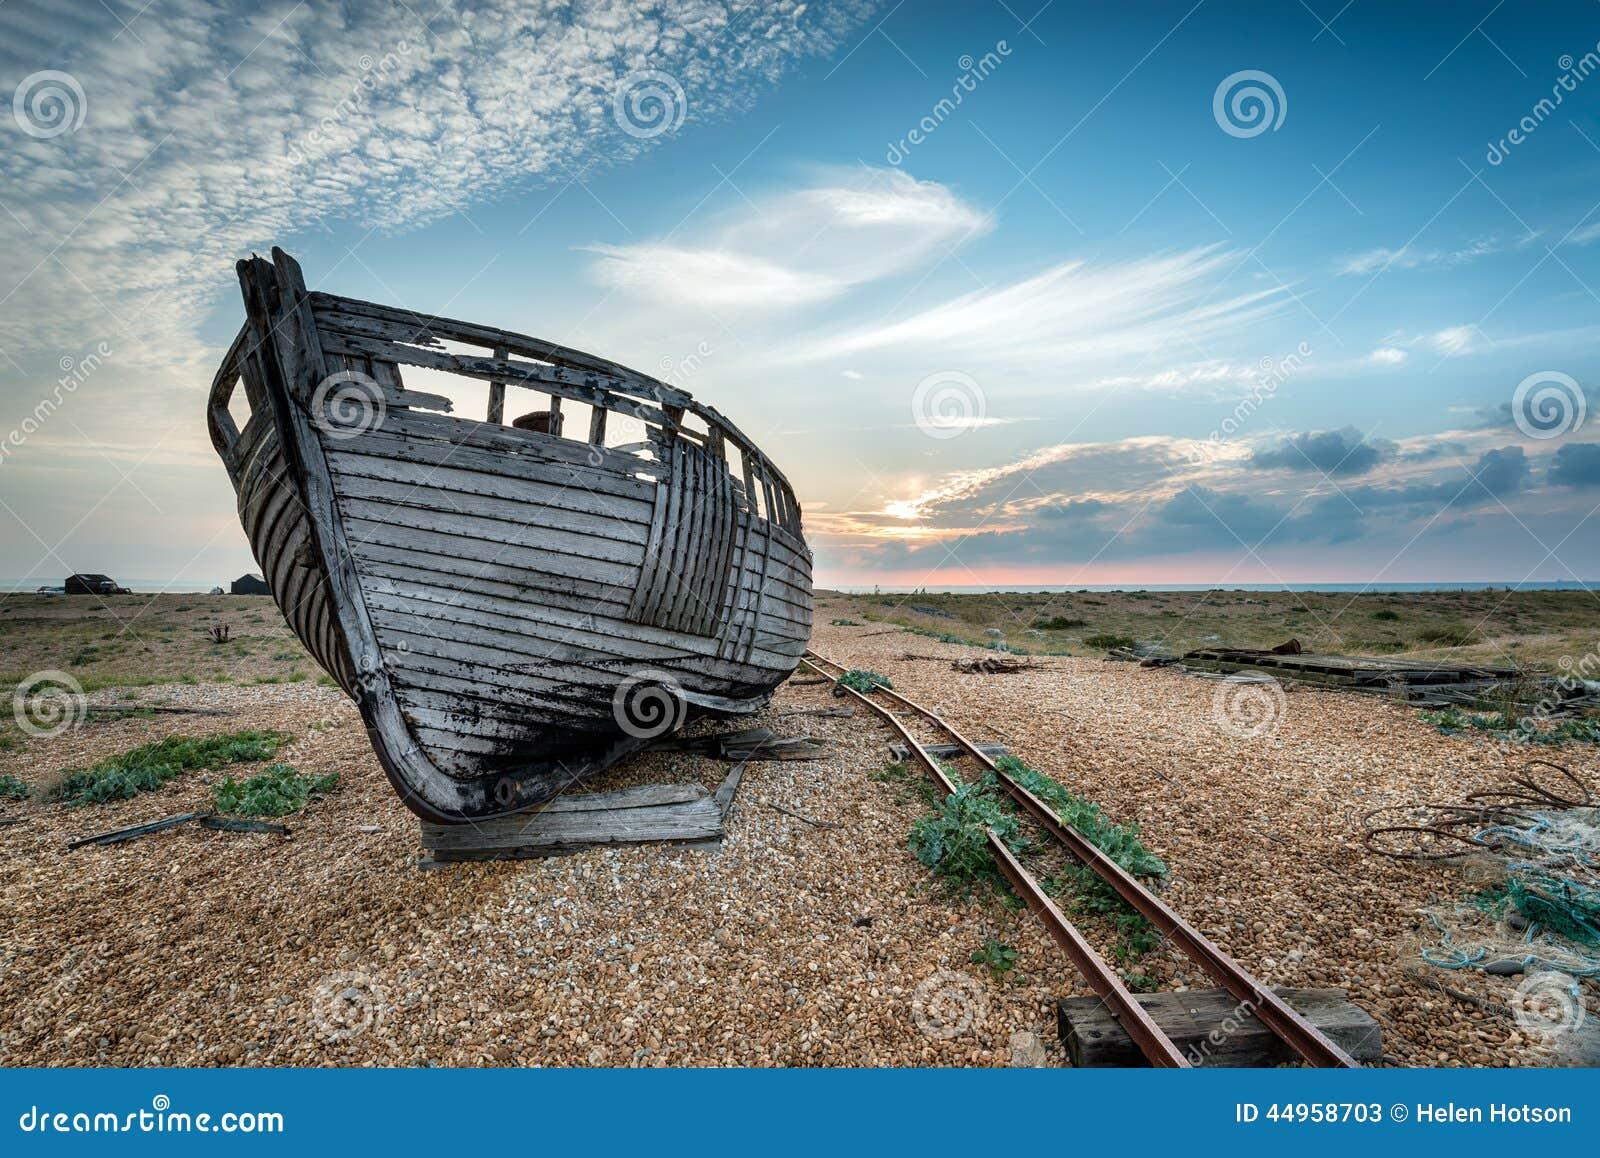 Abandoned Fishing Boat Stock Photo - Image: 44958703